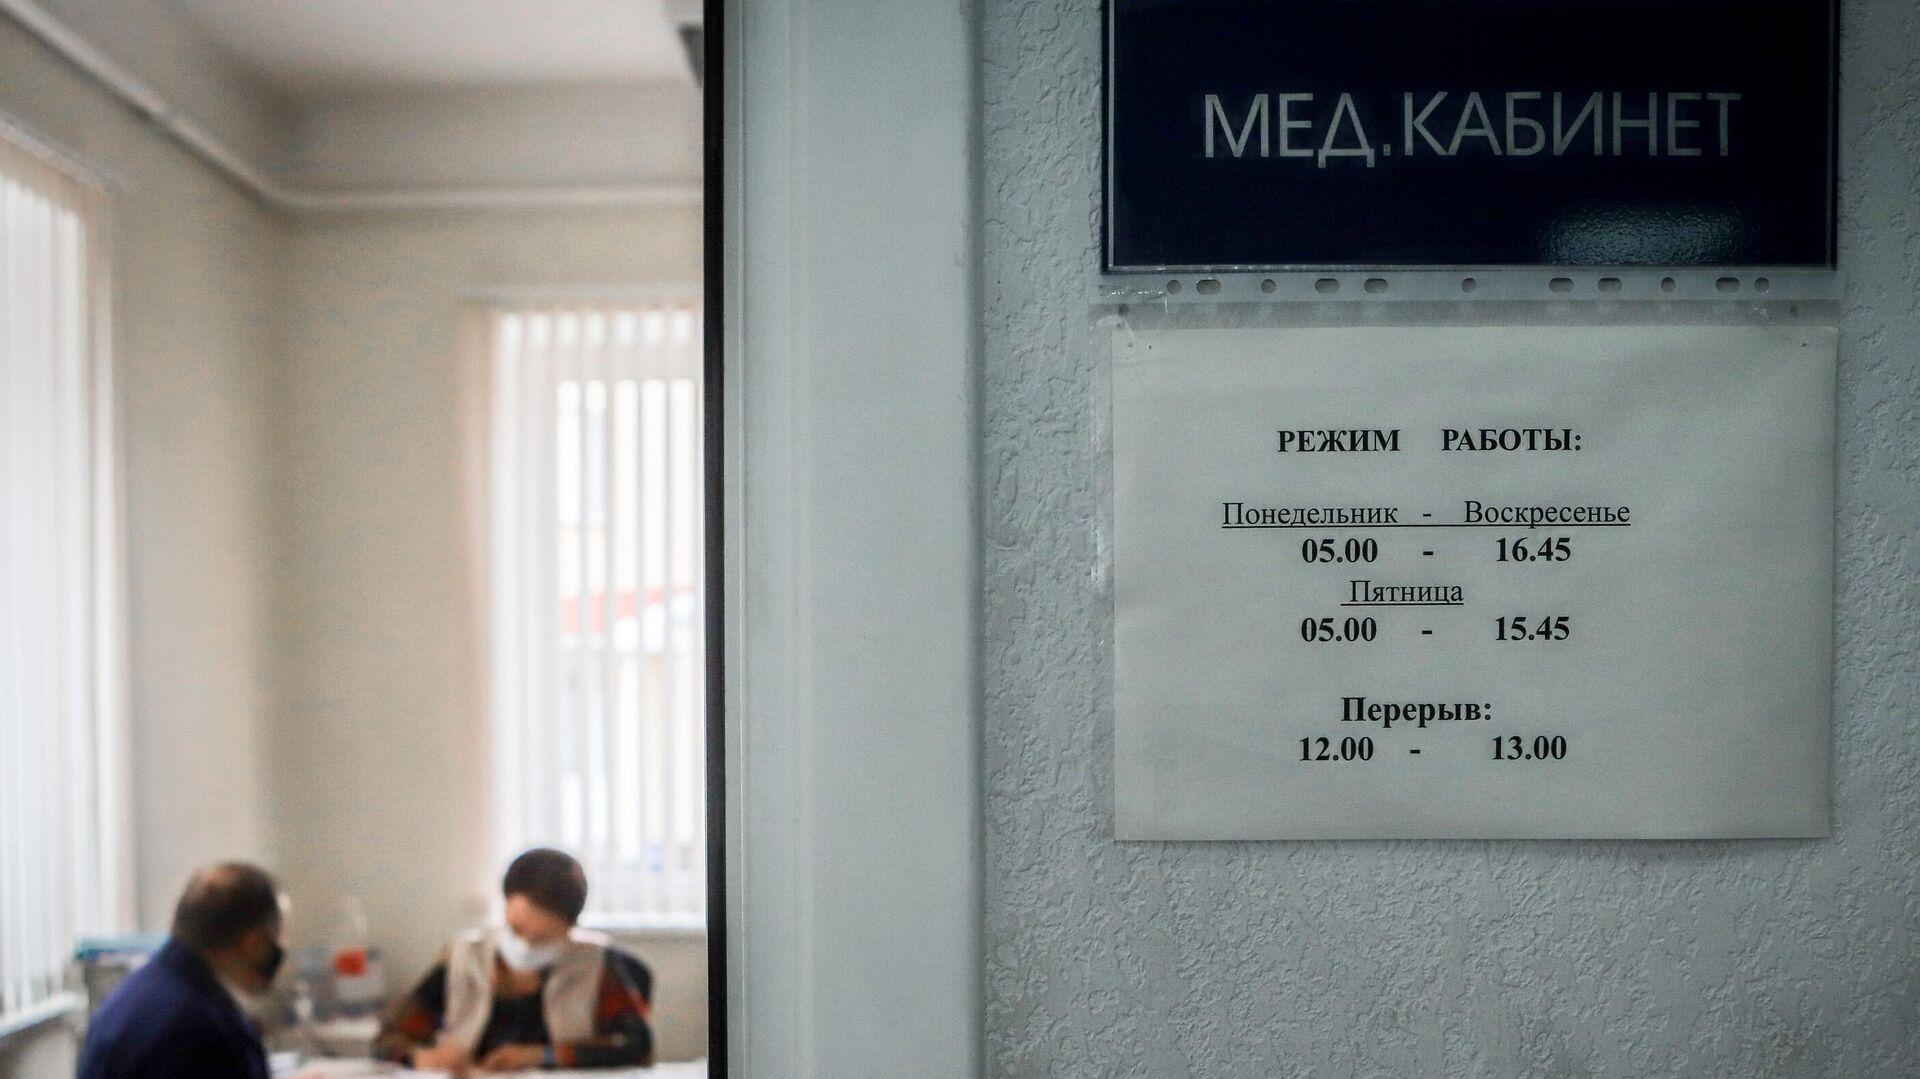 Водитель проходит медицинскую проверку - РИА Новости, 1920, 31.07.2021